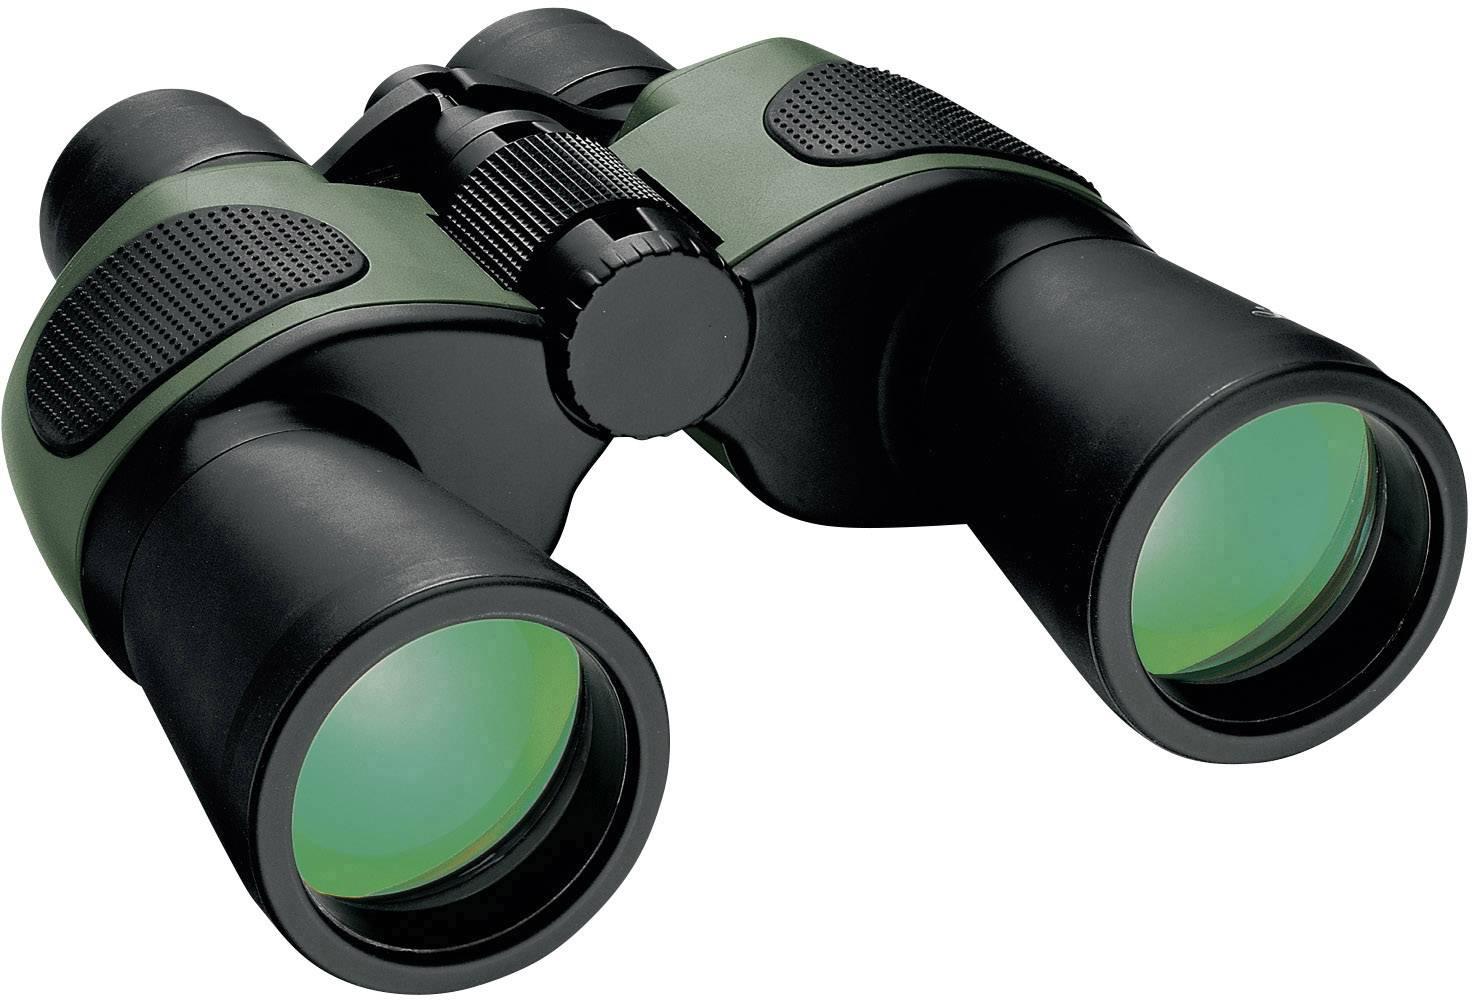 Luger zv porro zoom fernglas bis mm schwarz grün lu